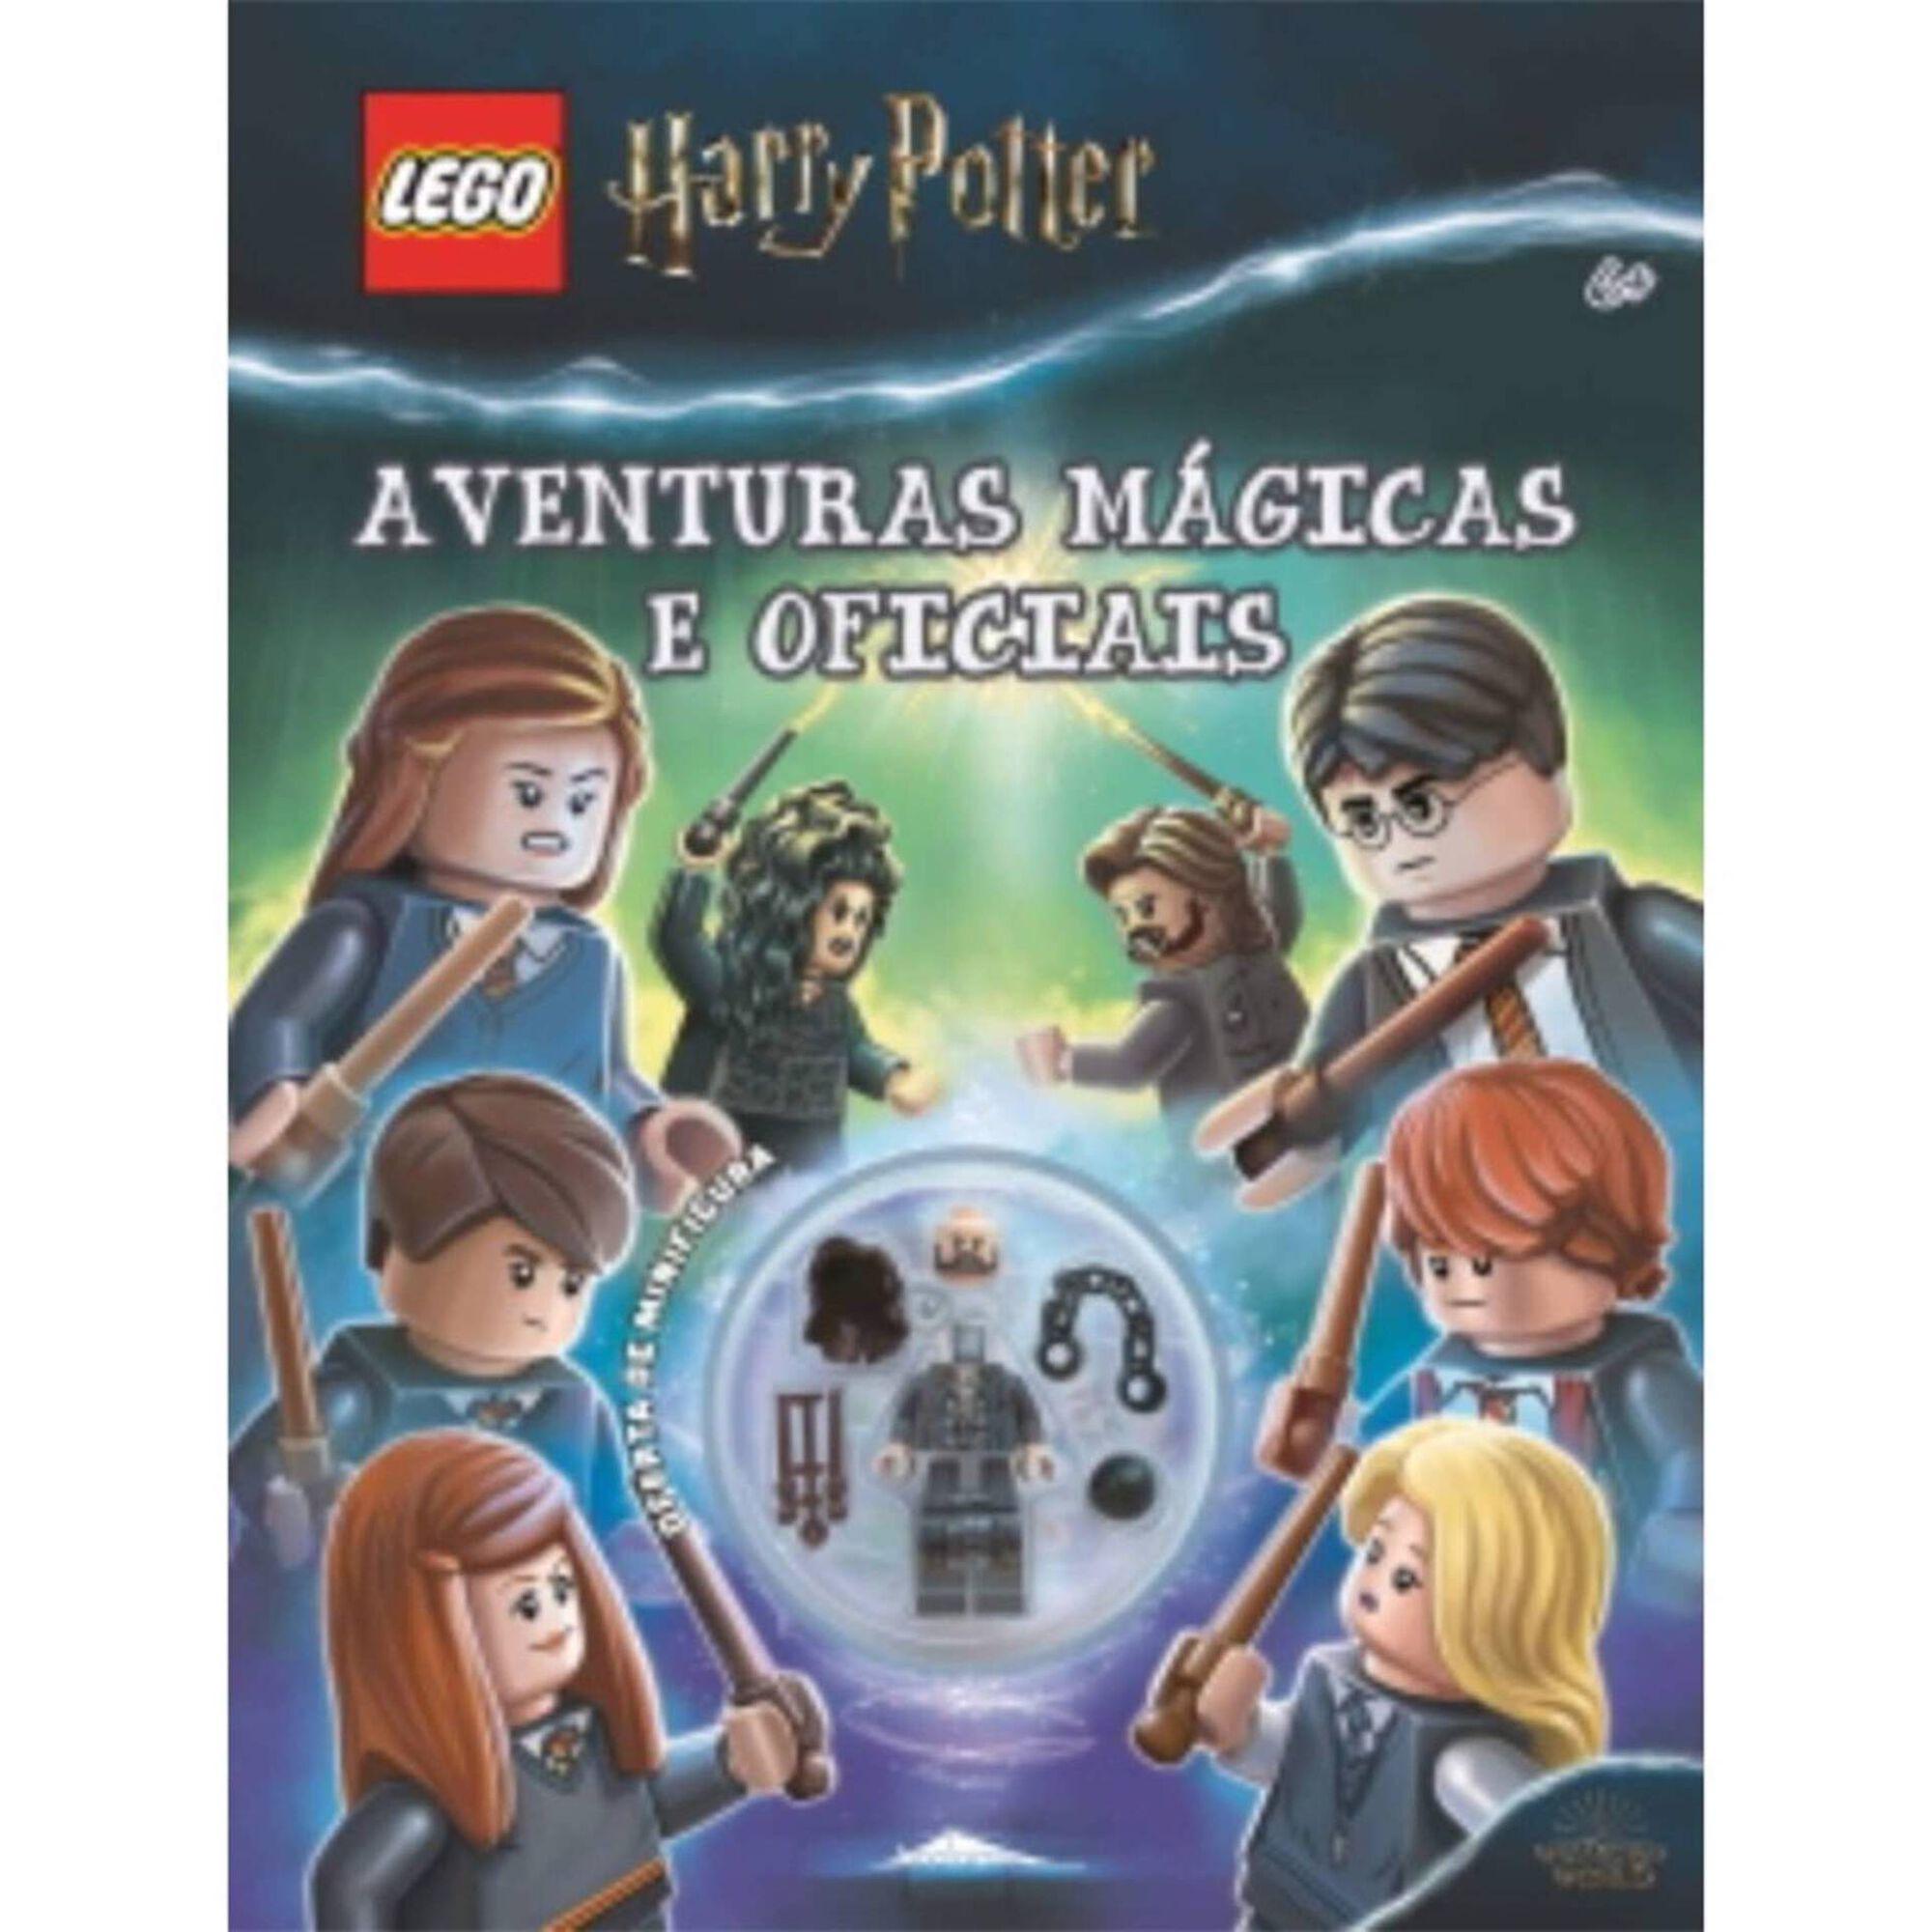 LEGO Harry Potter - Aventuras Mágicas e Oficiais